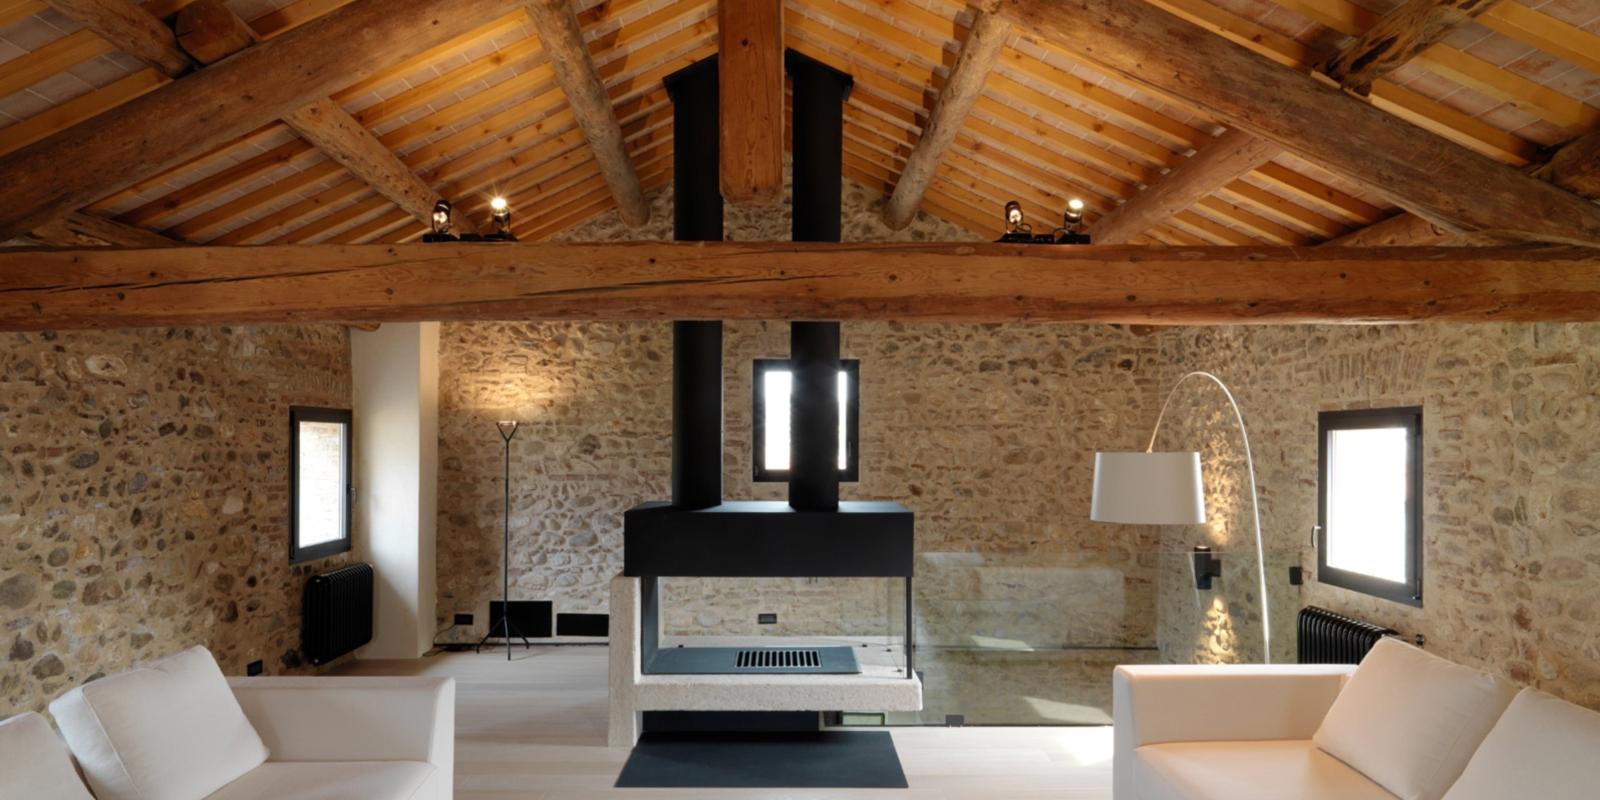 Lampade da interni: come illuminare lo spazio e valorizzarlo - Mansarda.it